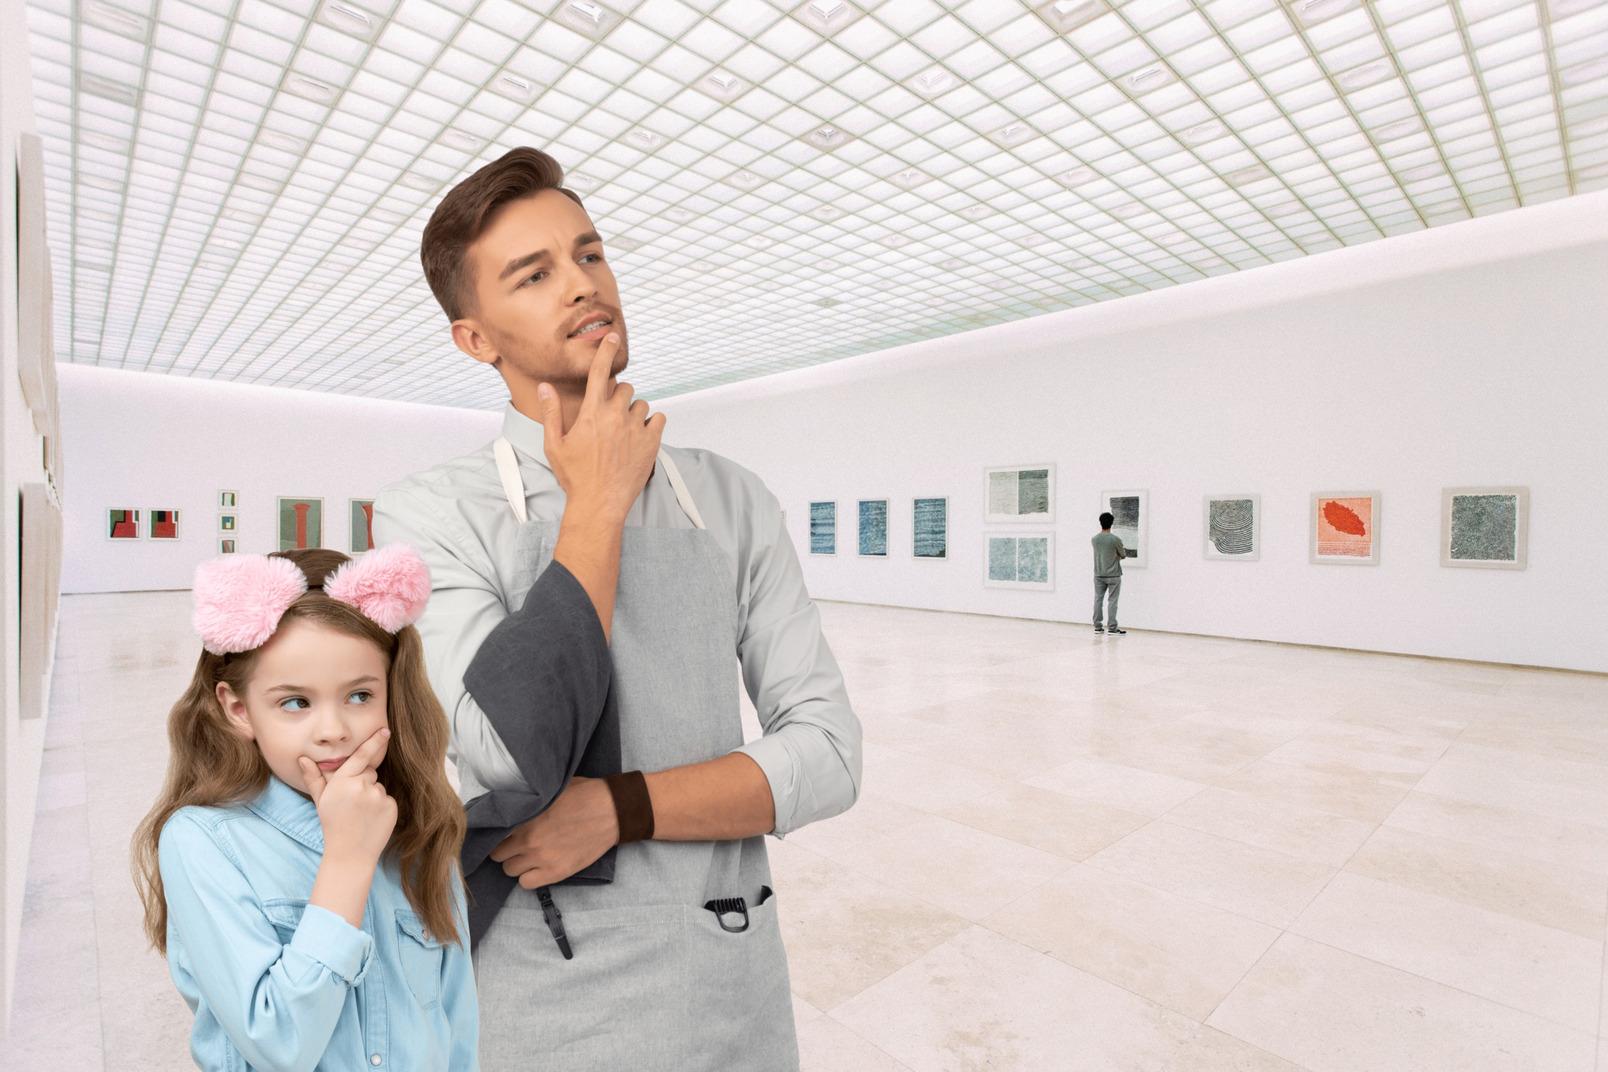 Diese kunstgalerie ist unglaublich inspirierend